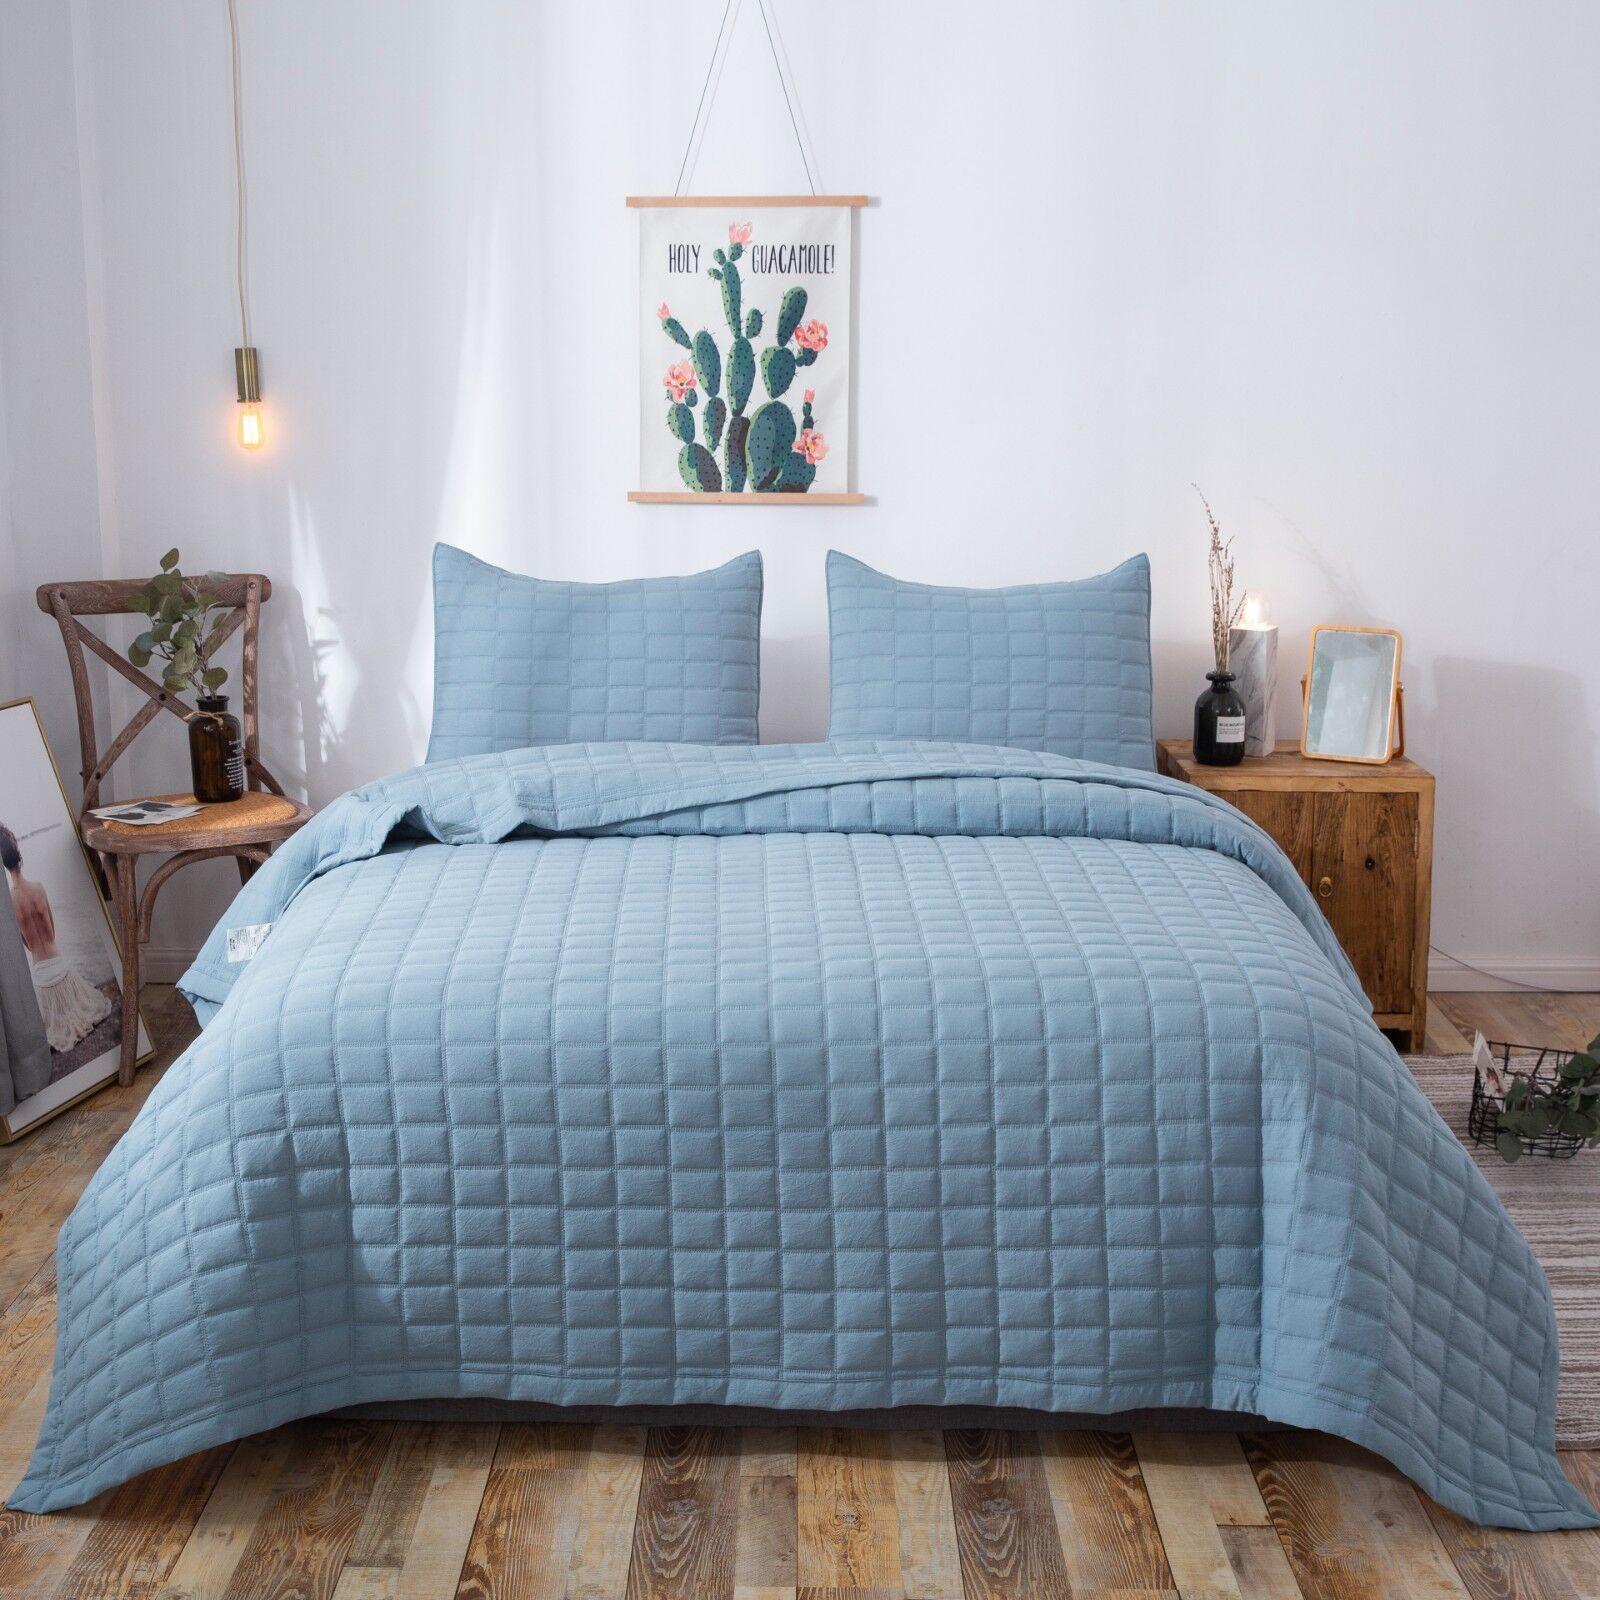 Kasentex Hotel Luxury Stone-Washed Quilt Set.100% Ultra Soft